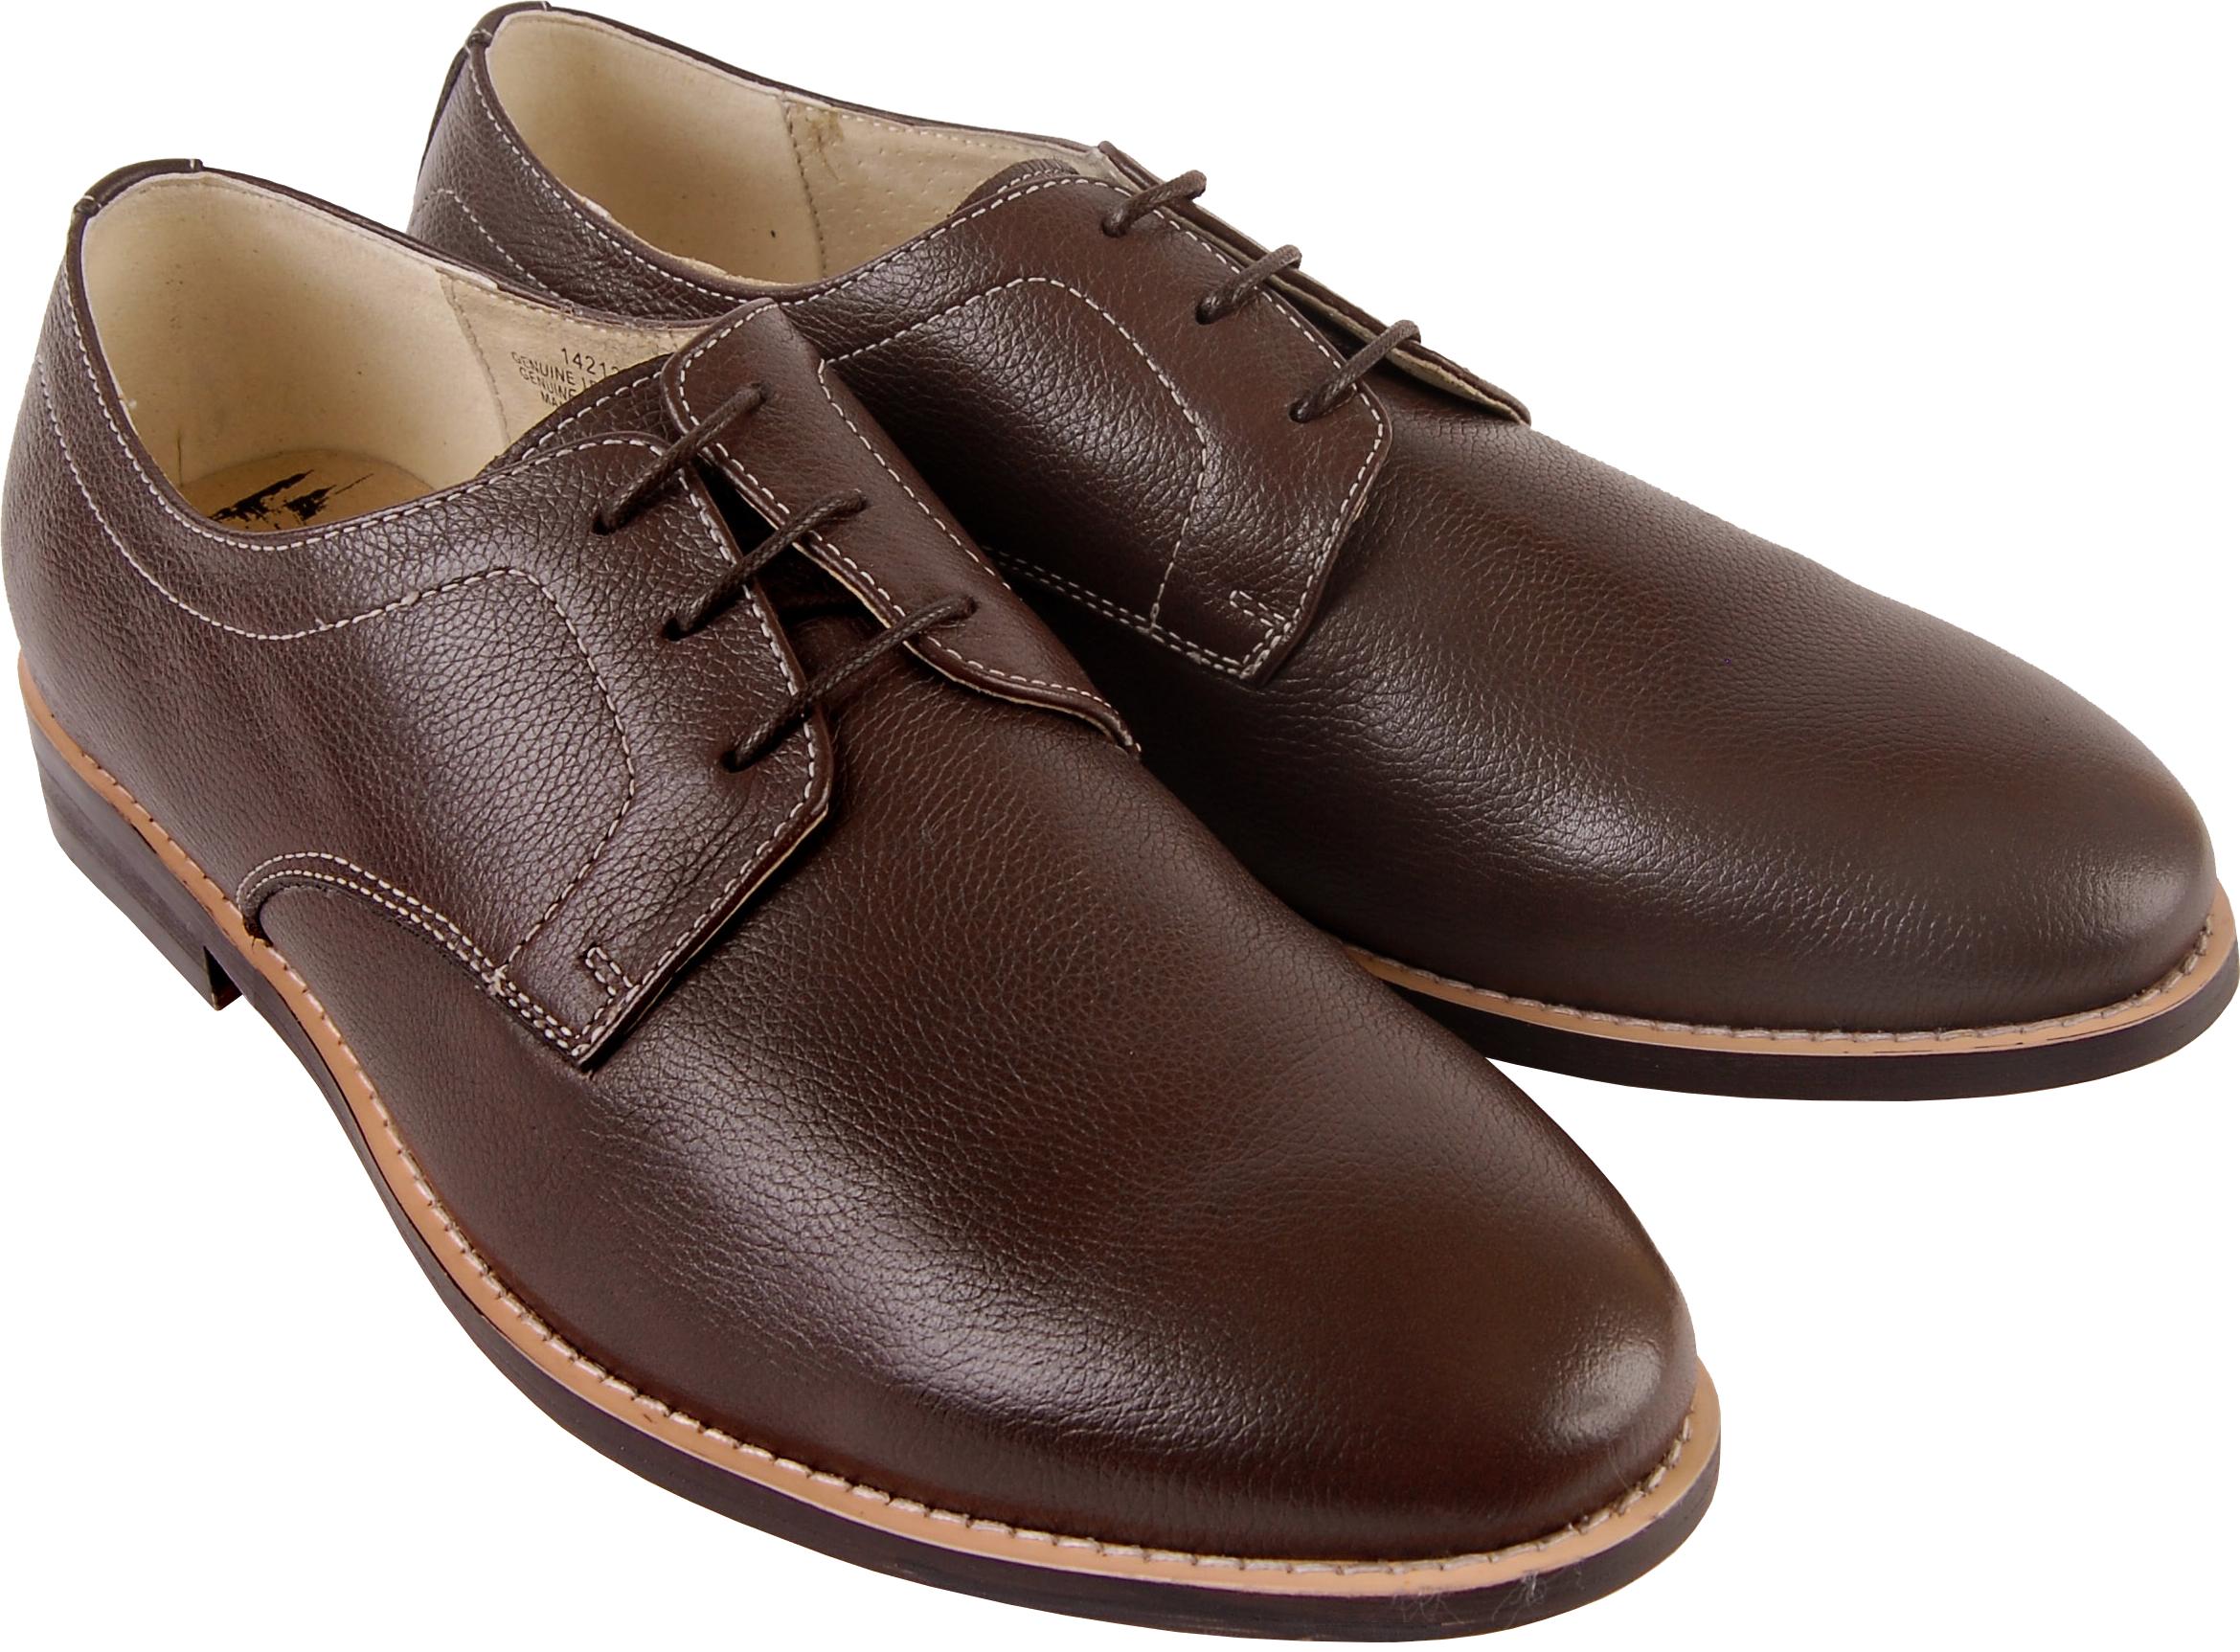 Brown men shoes PNG image - Men Shoes PNG